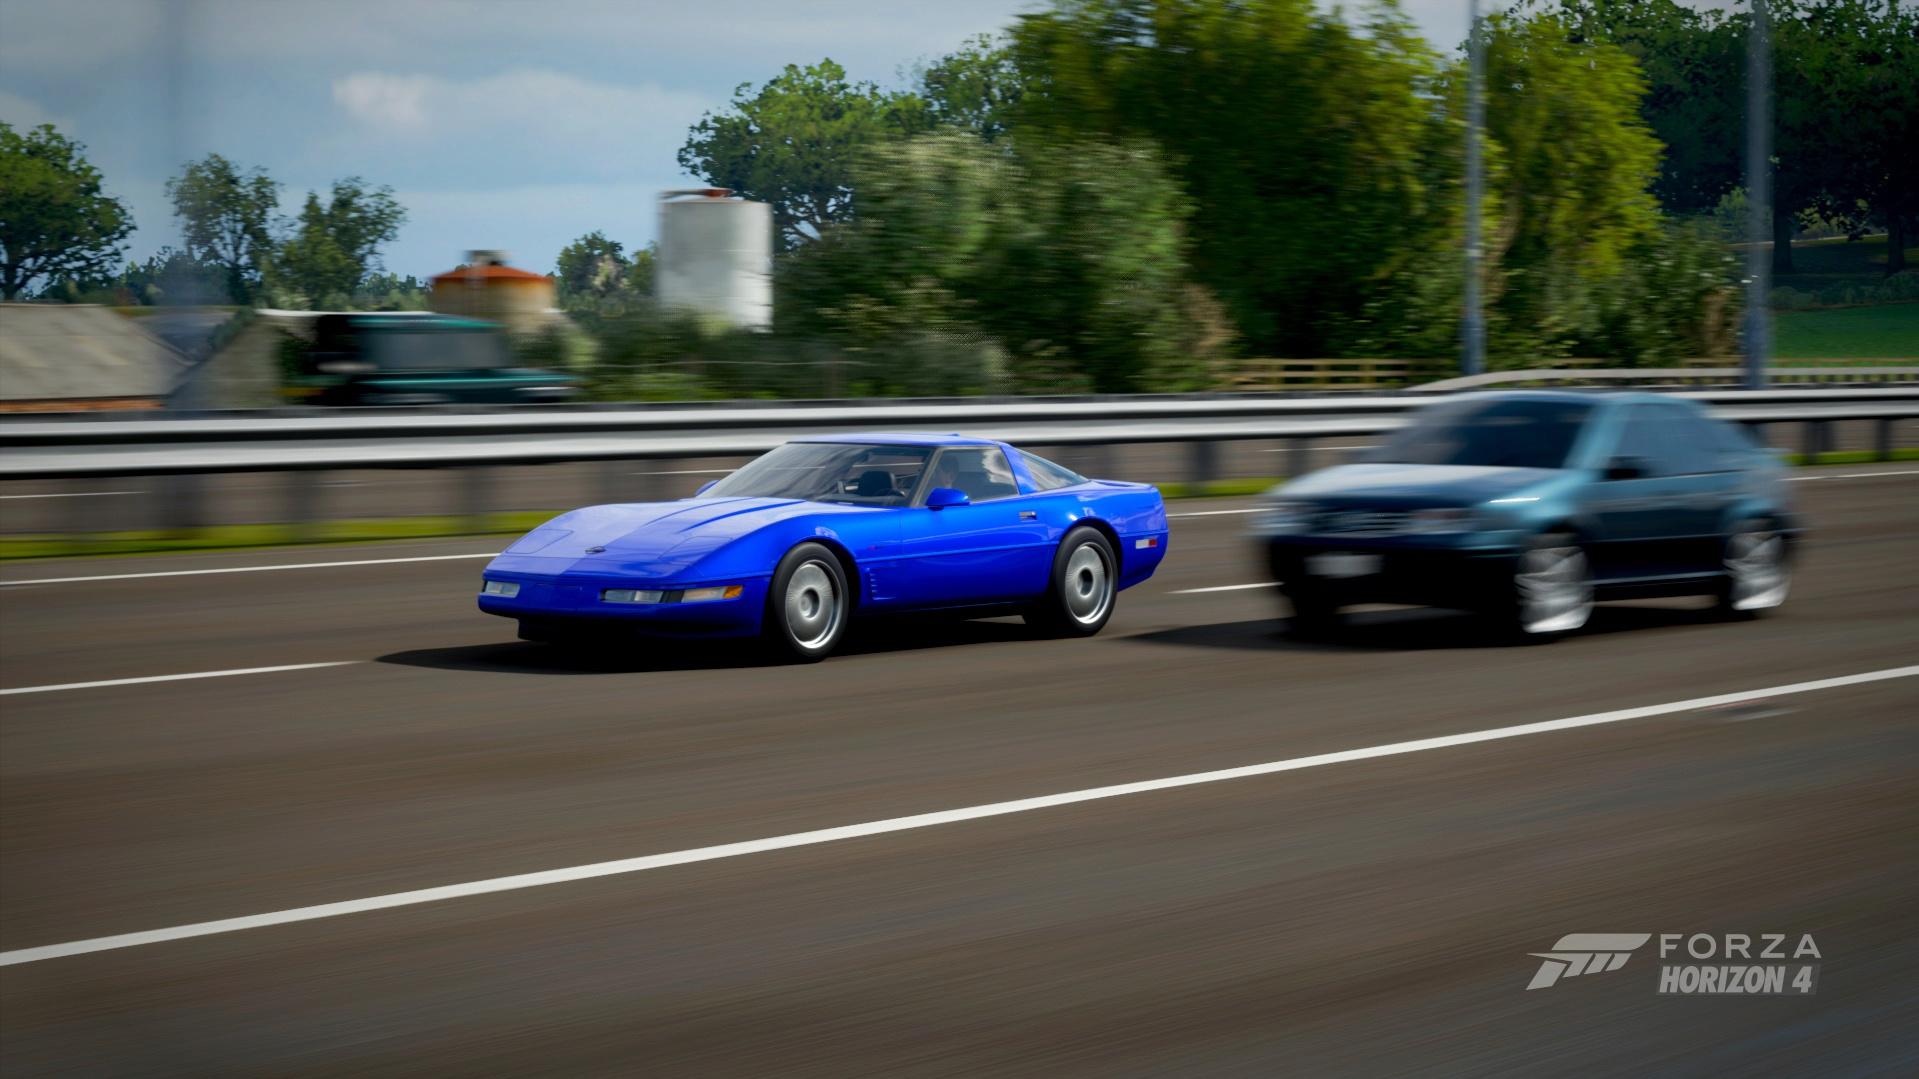 La trouvaille du jour : Corvette ZR-1 Challenge sur Nintendo NES - Page 2 Screen10